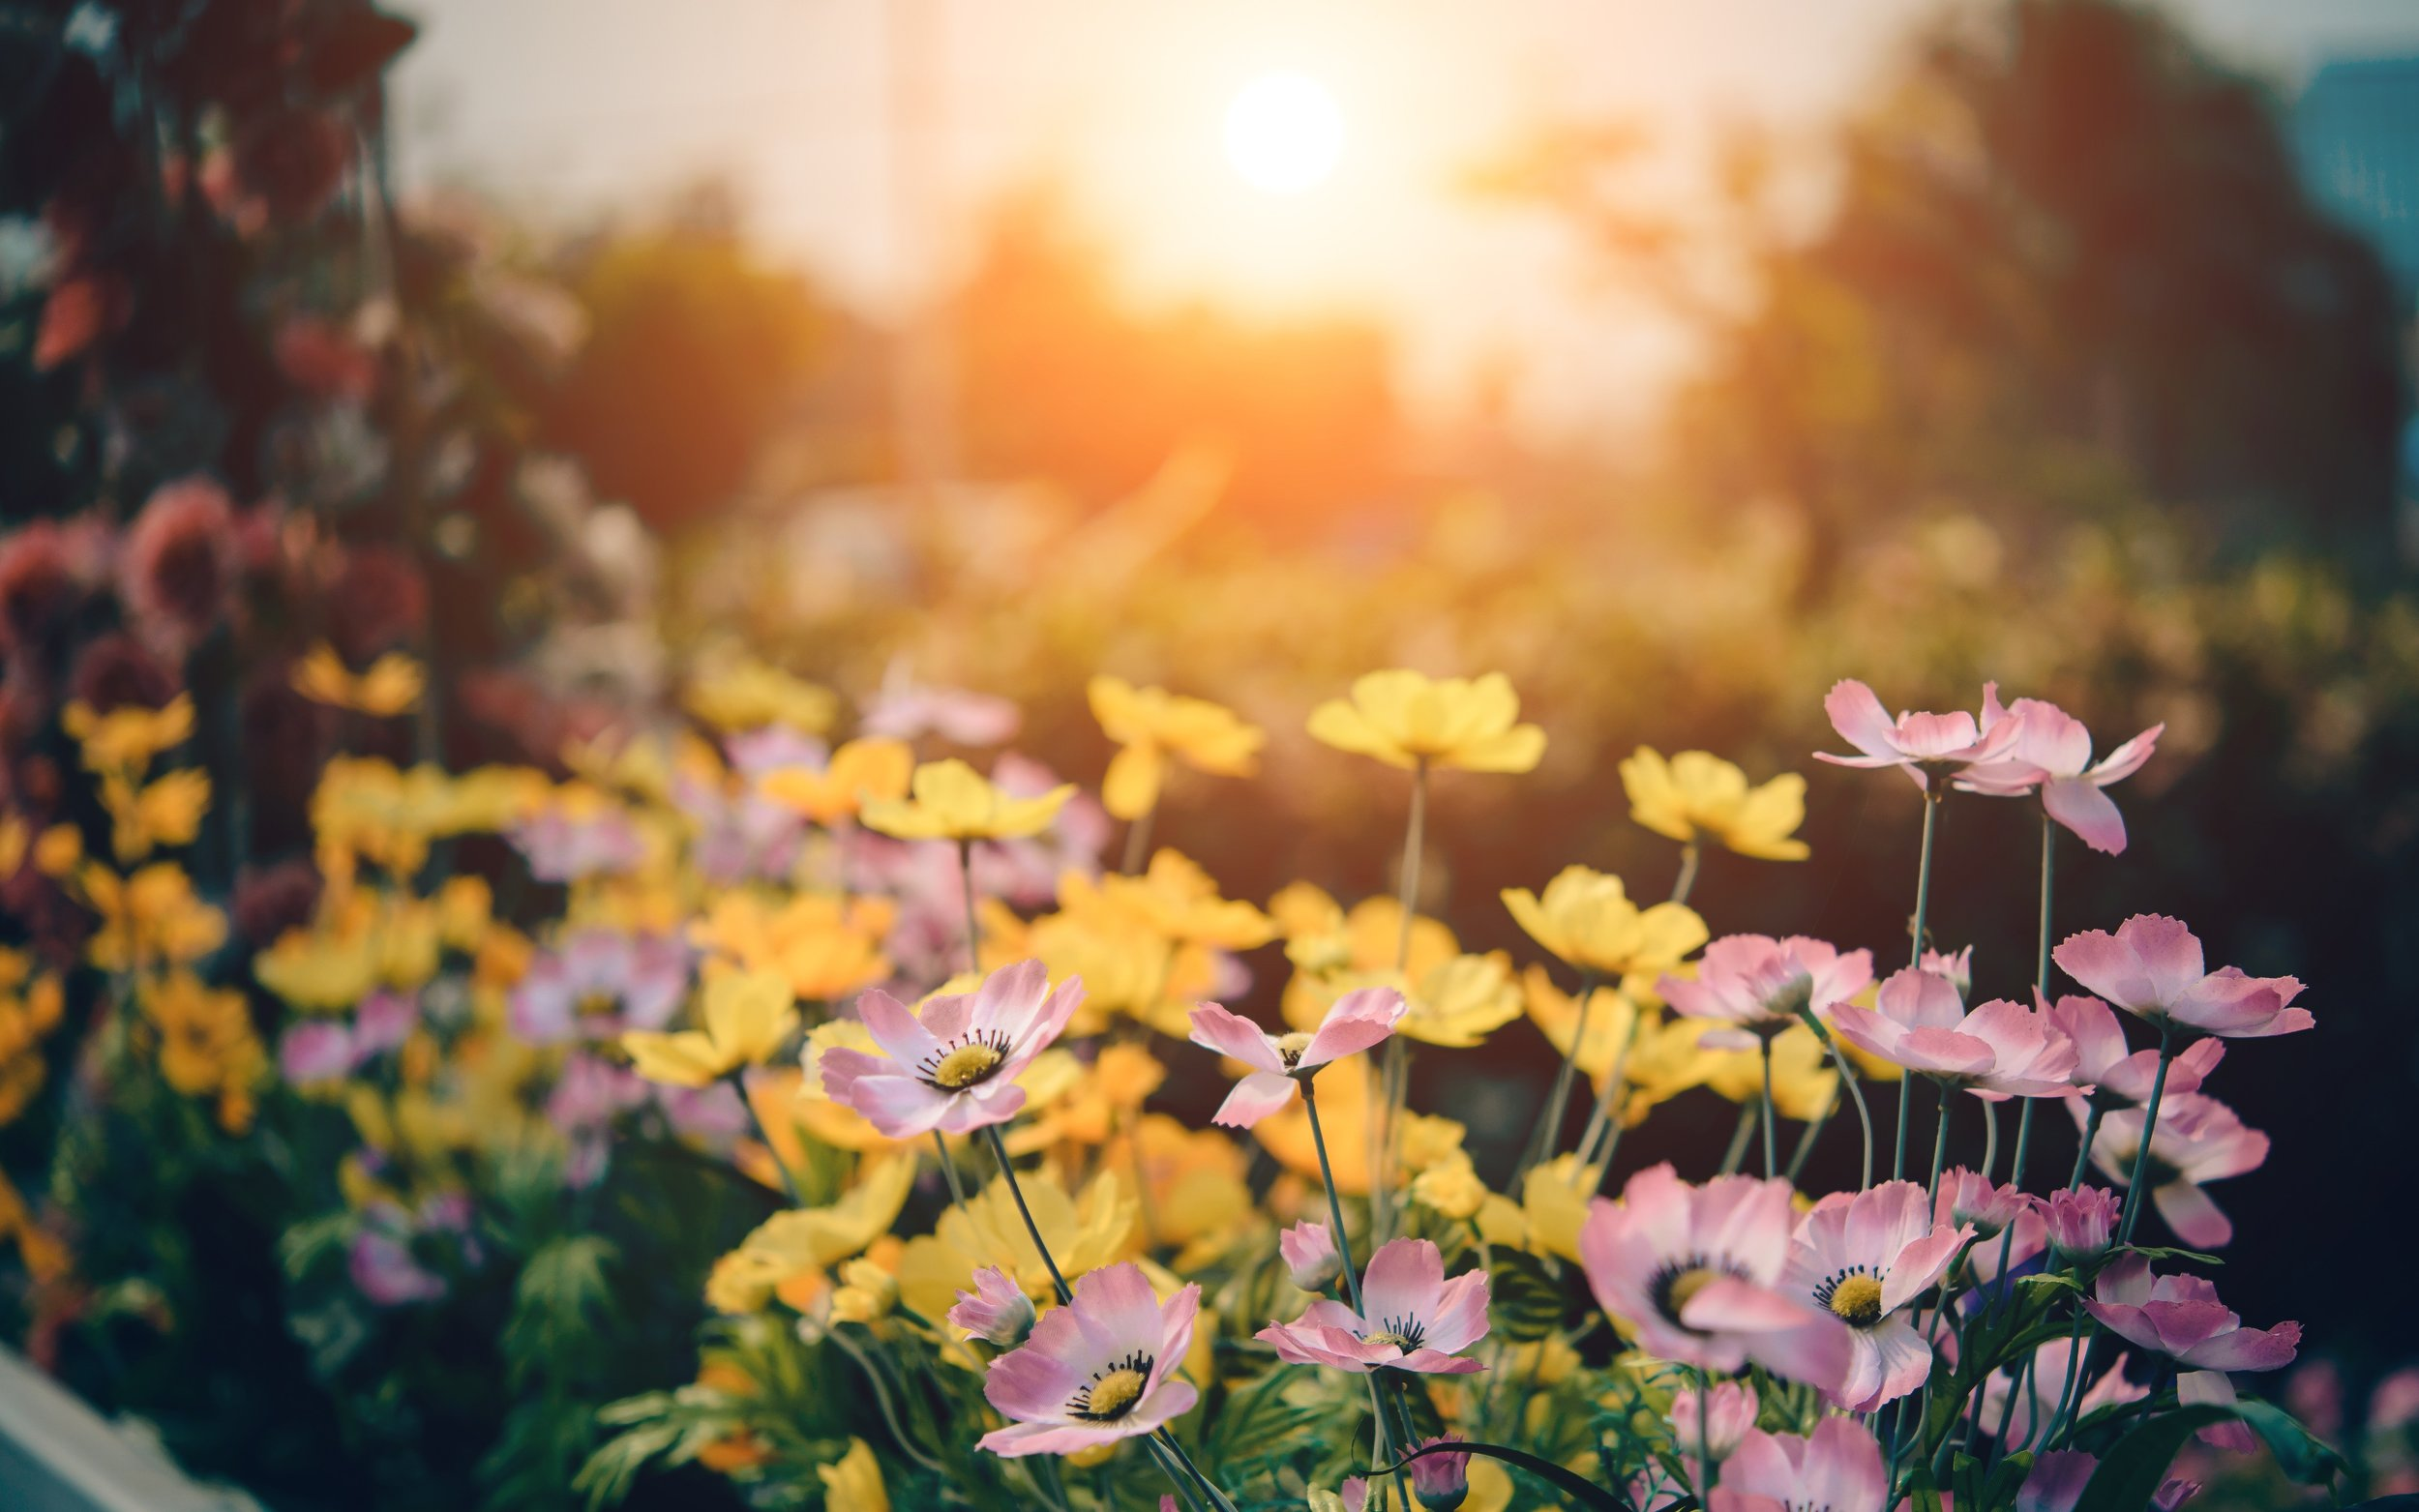 bloom-blossom-flora-158636.jpg